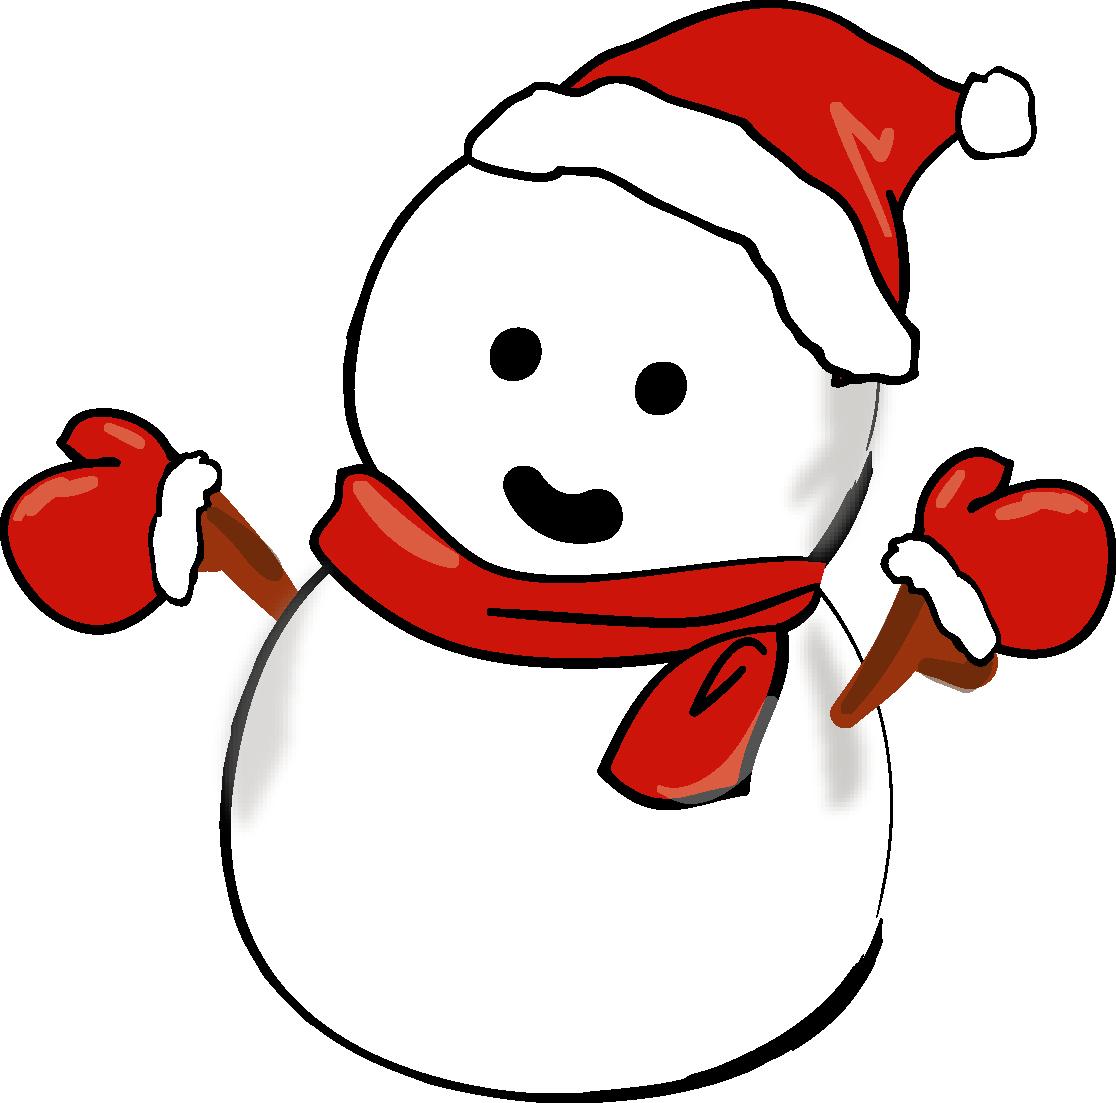 クリスマス・雪だるま-ダウンロード|かわいい無料イラスト 印刷素材